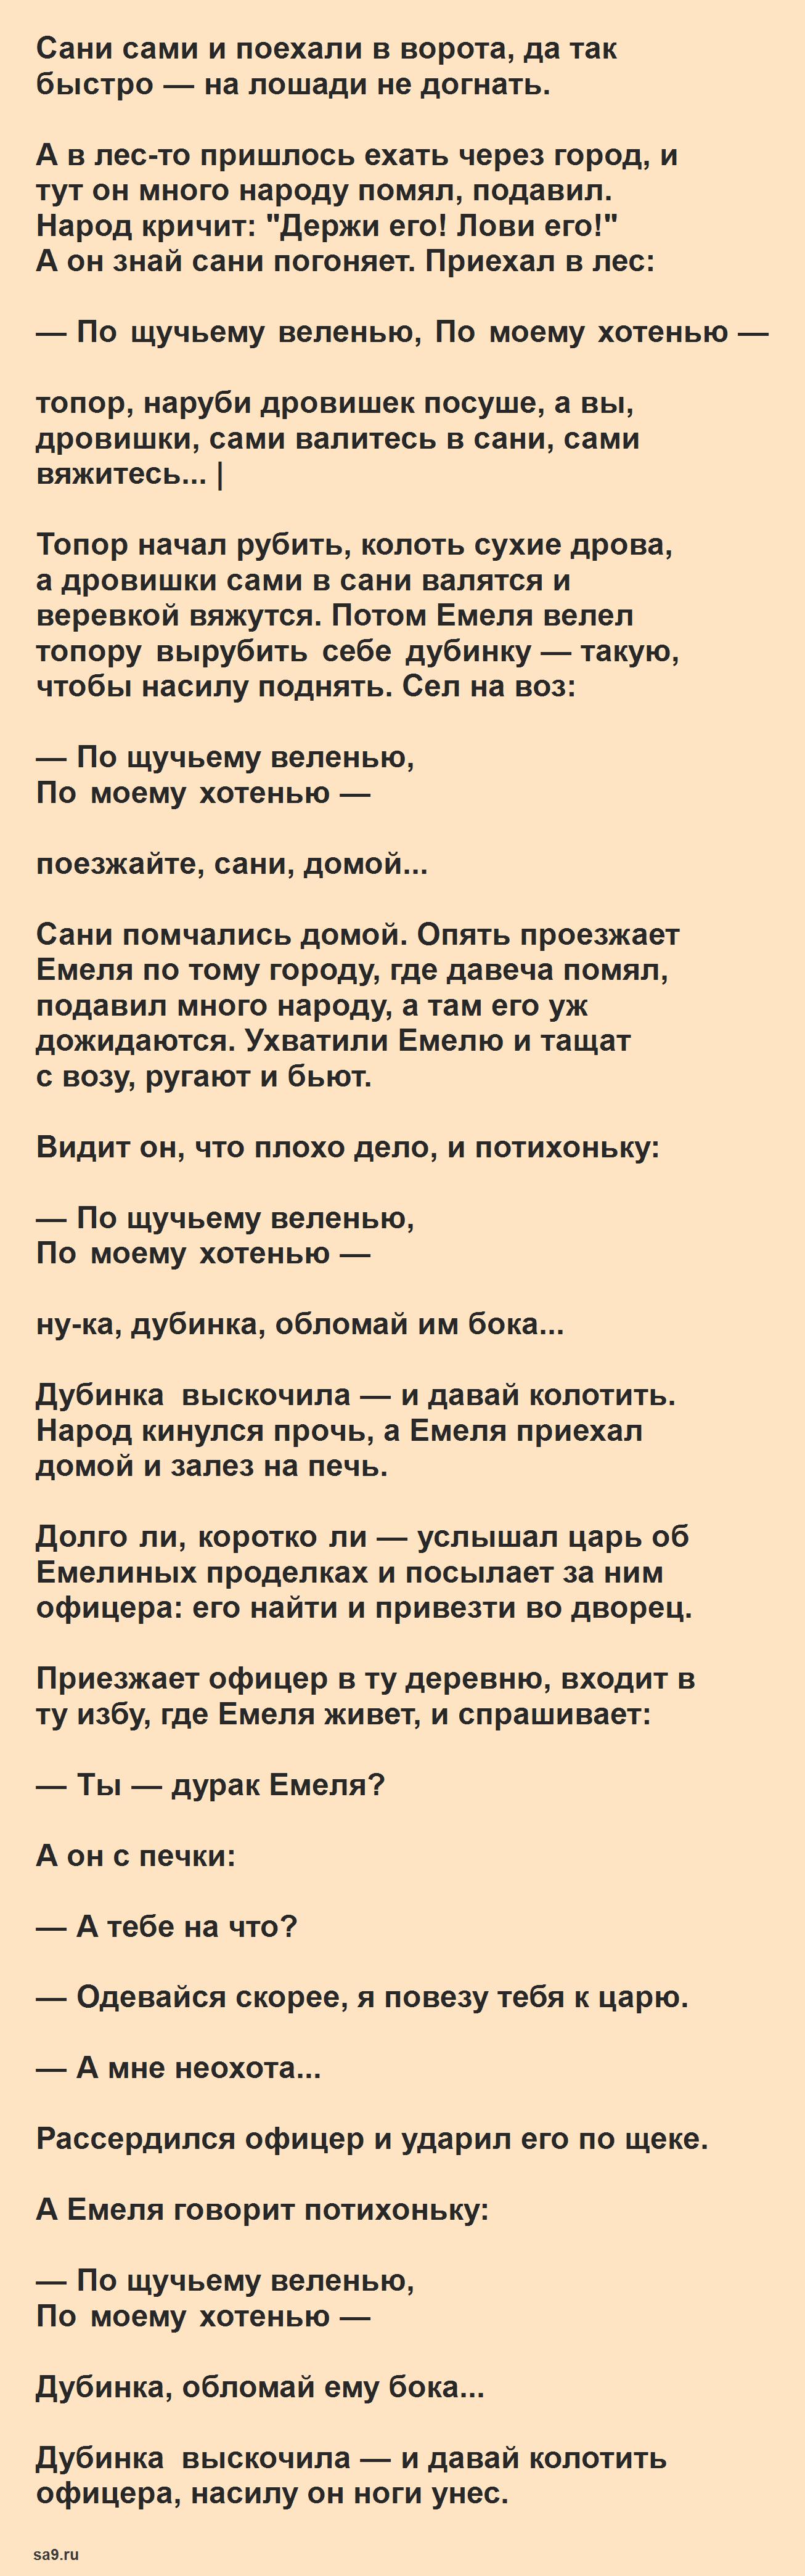 Читать русскую народную сказку - По щучьему велению, для детей